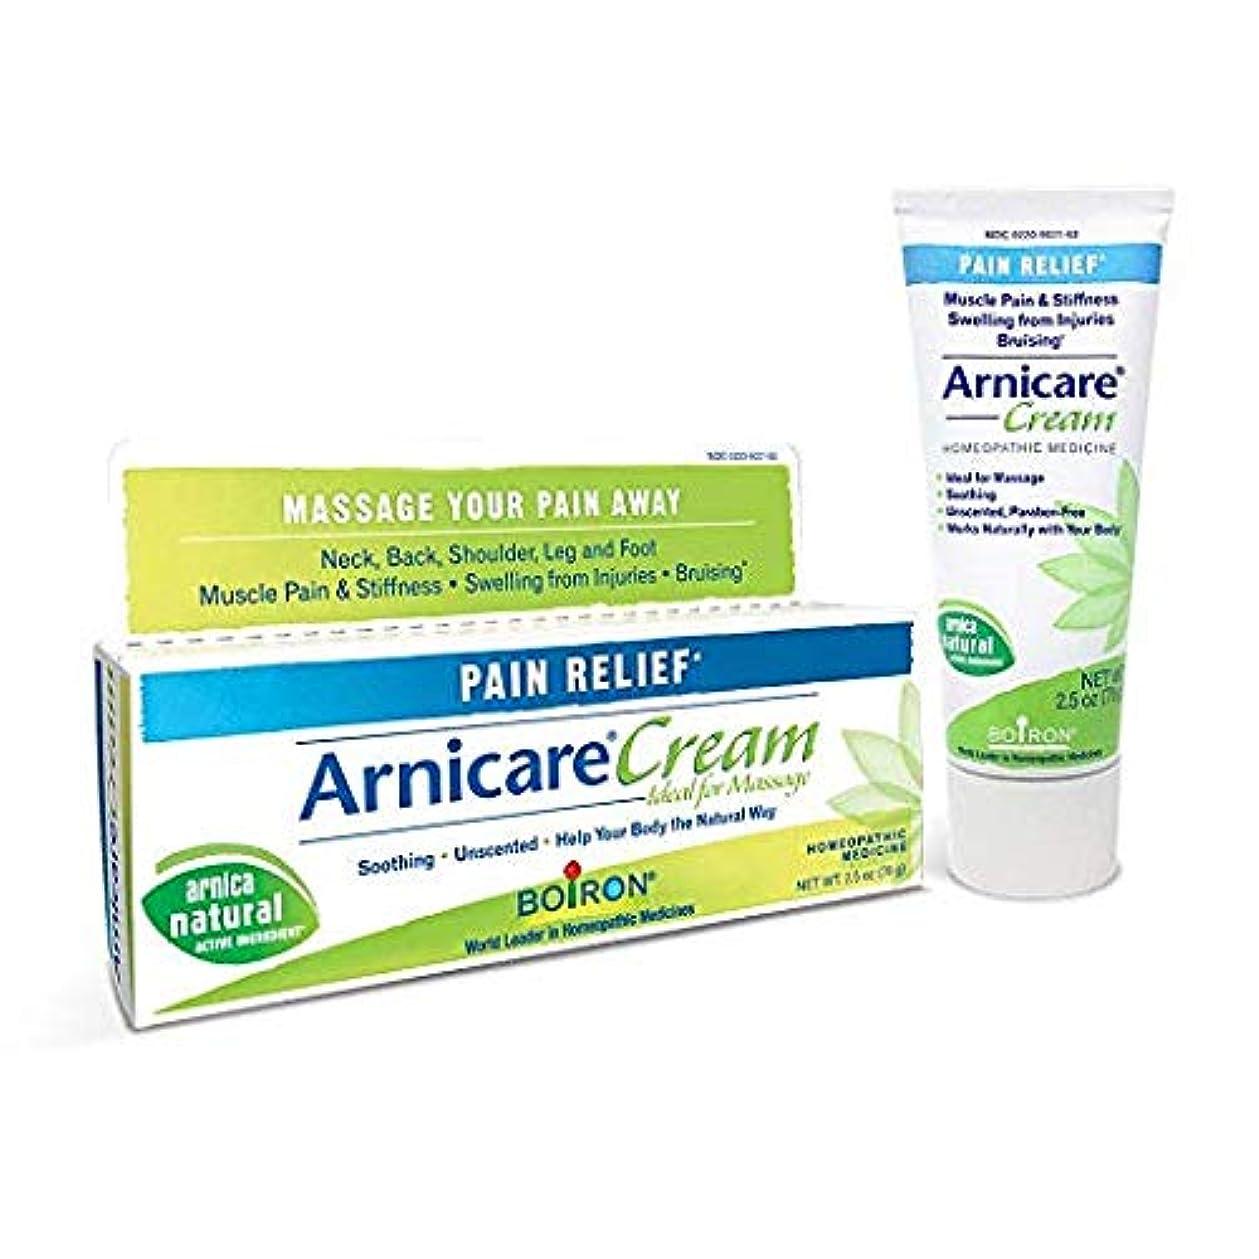 運搬システム想起ボイロン アルニカクリーム Boiron Arnicare Cream 2.5 Ounces Topical Pain Relief Cream [並行輸入品]